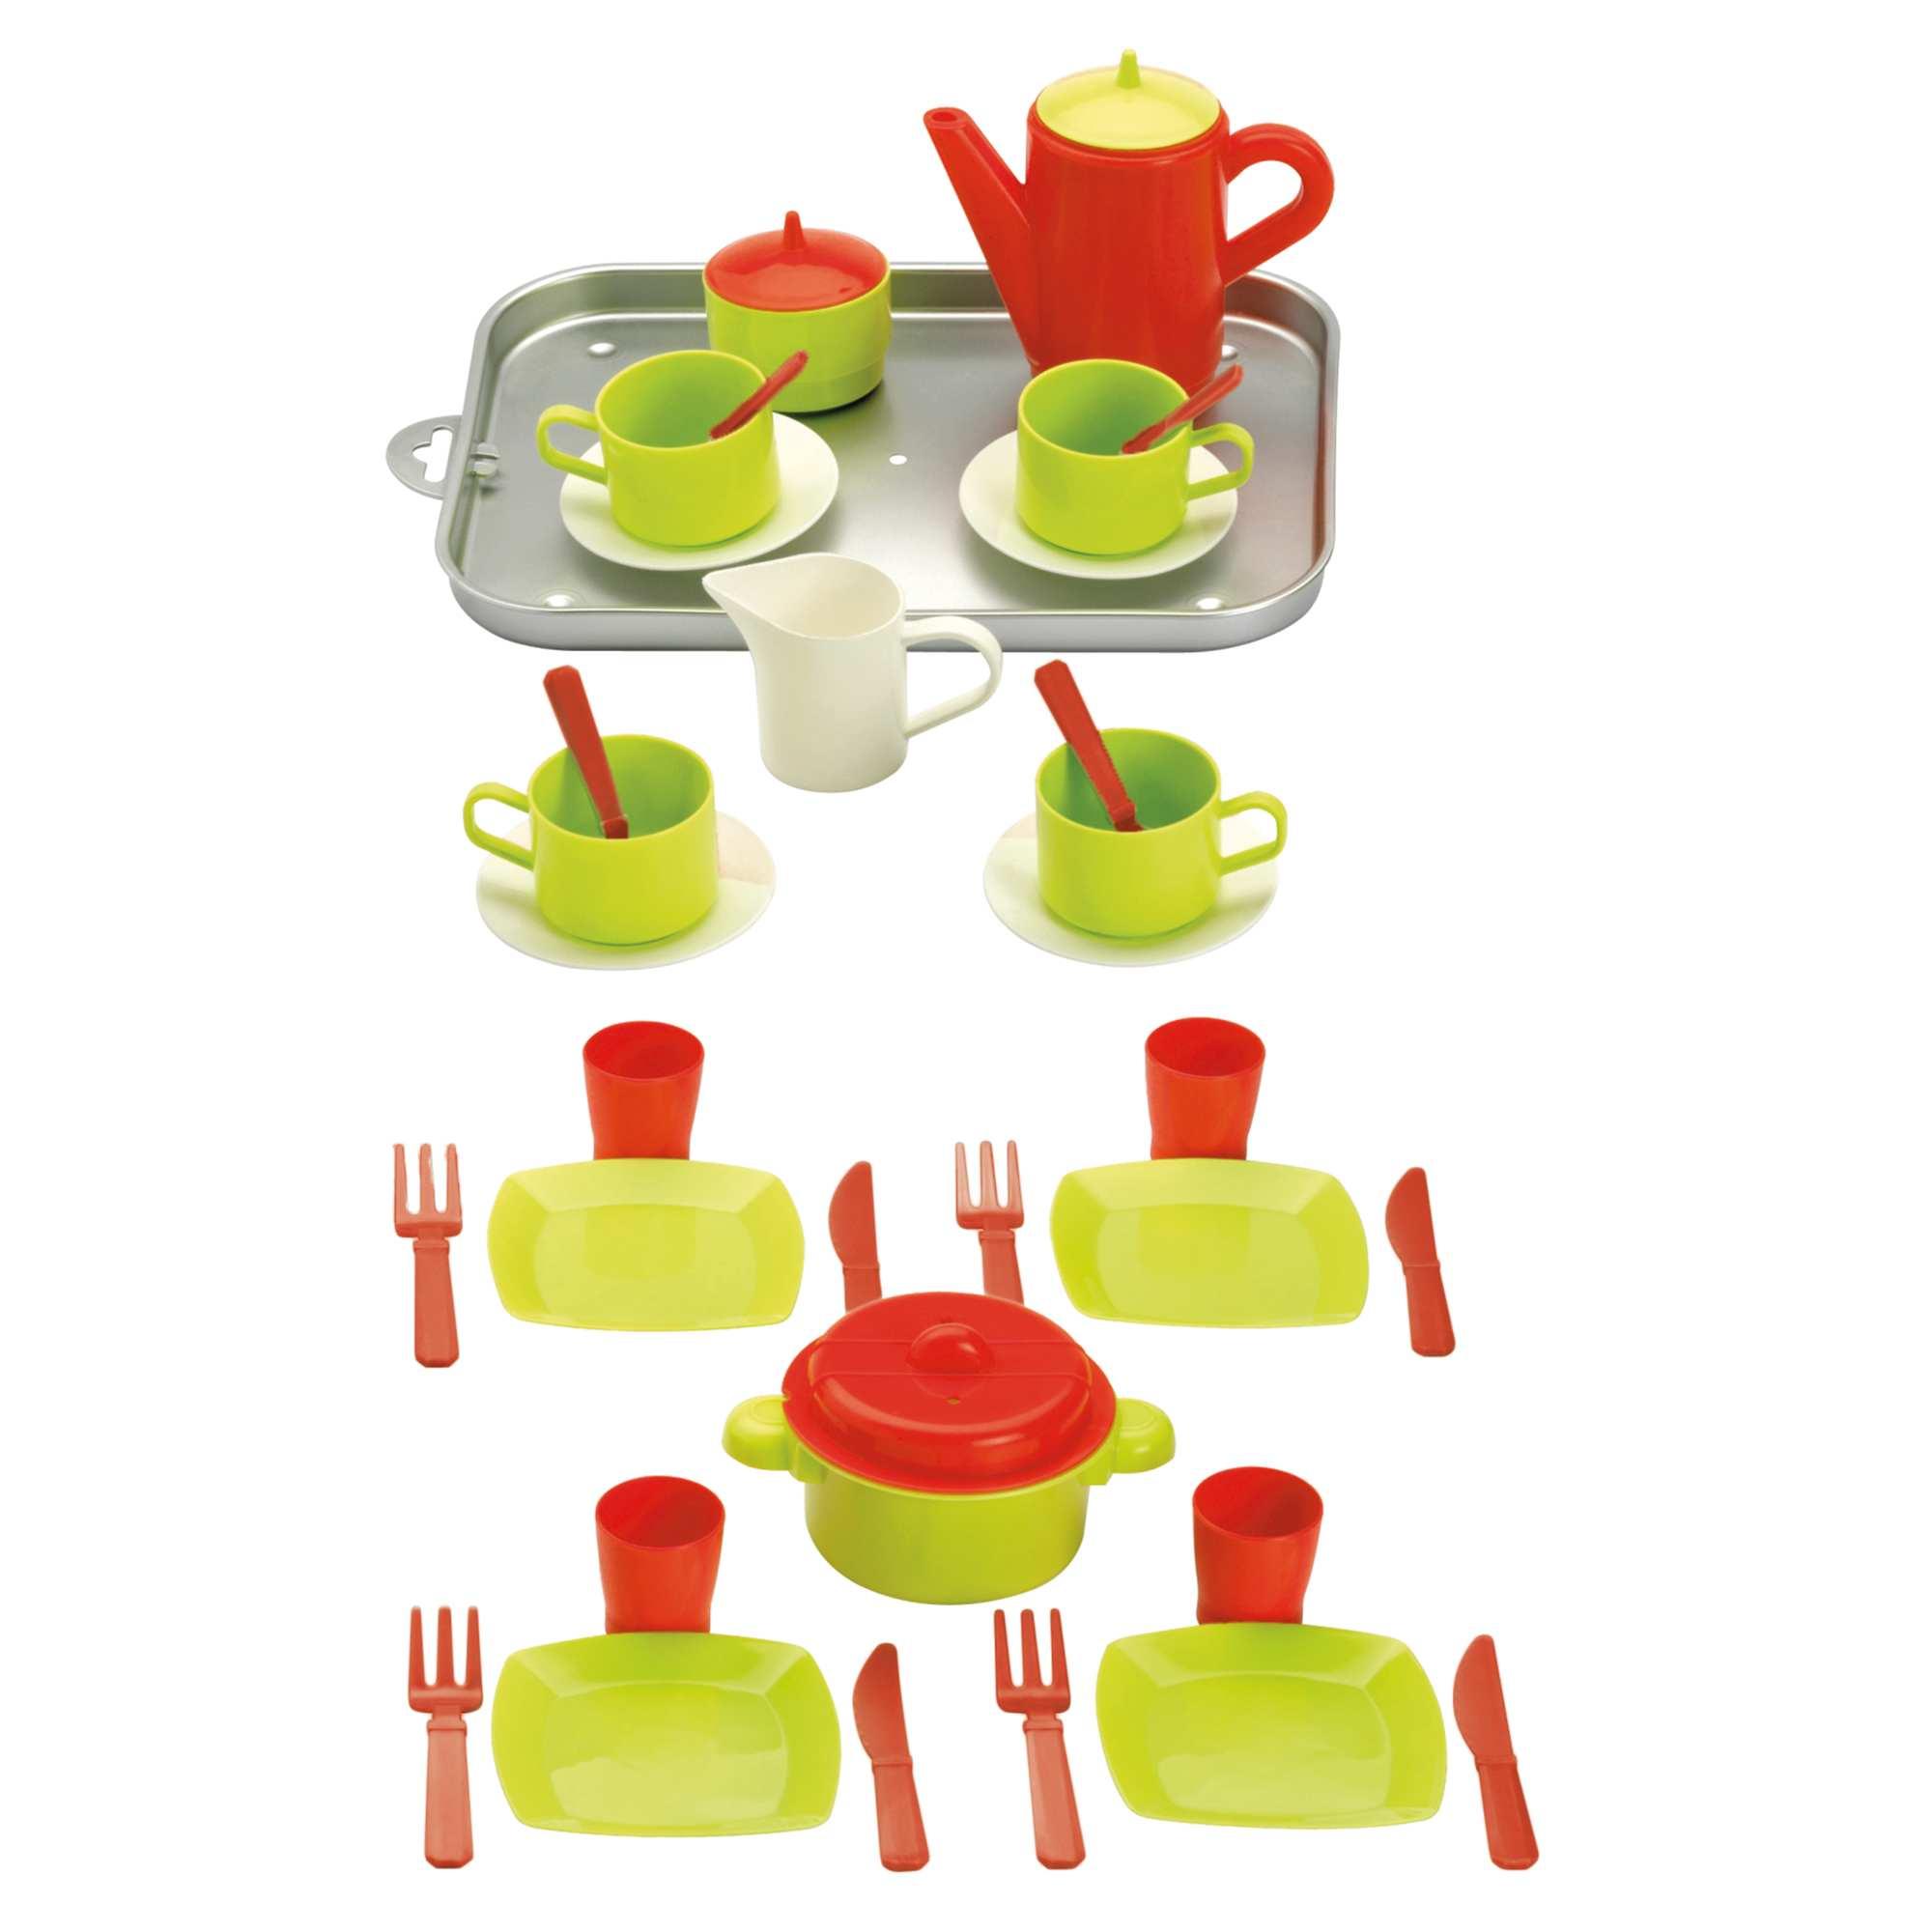 Vassoio accessori cucina 20 pezzi neonata kiabi 8 00 - Elenco accessori cucina ...